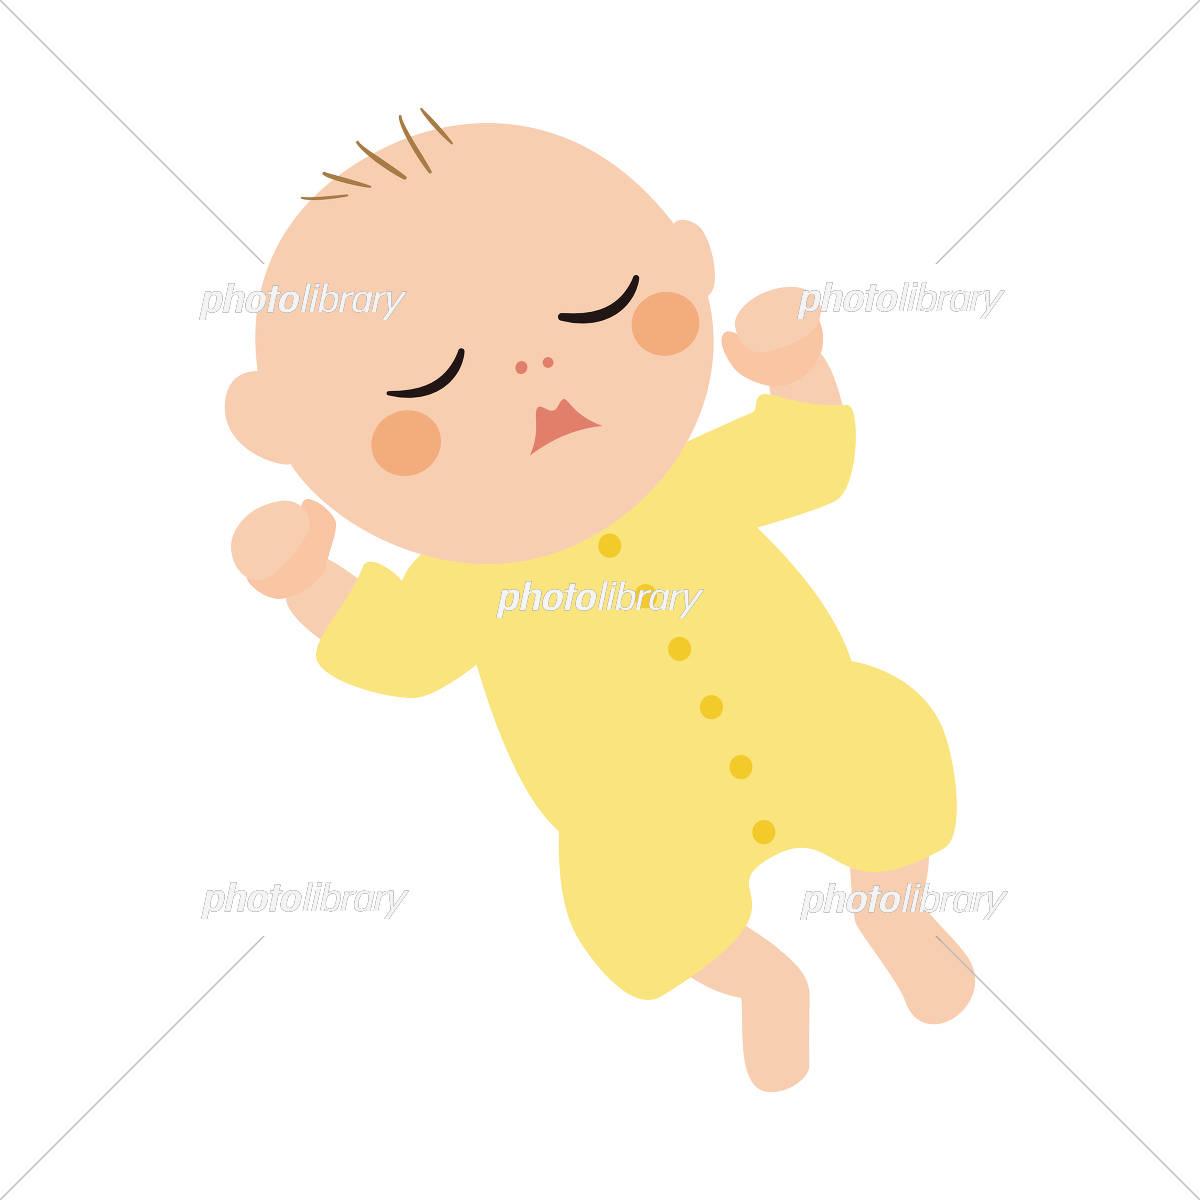 赤ちゃん イラスト イラスト素材 5554048 フォトライブラリー